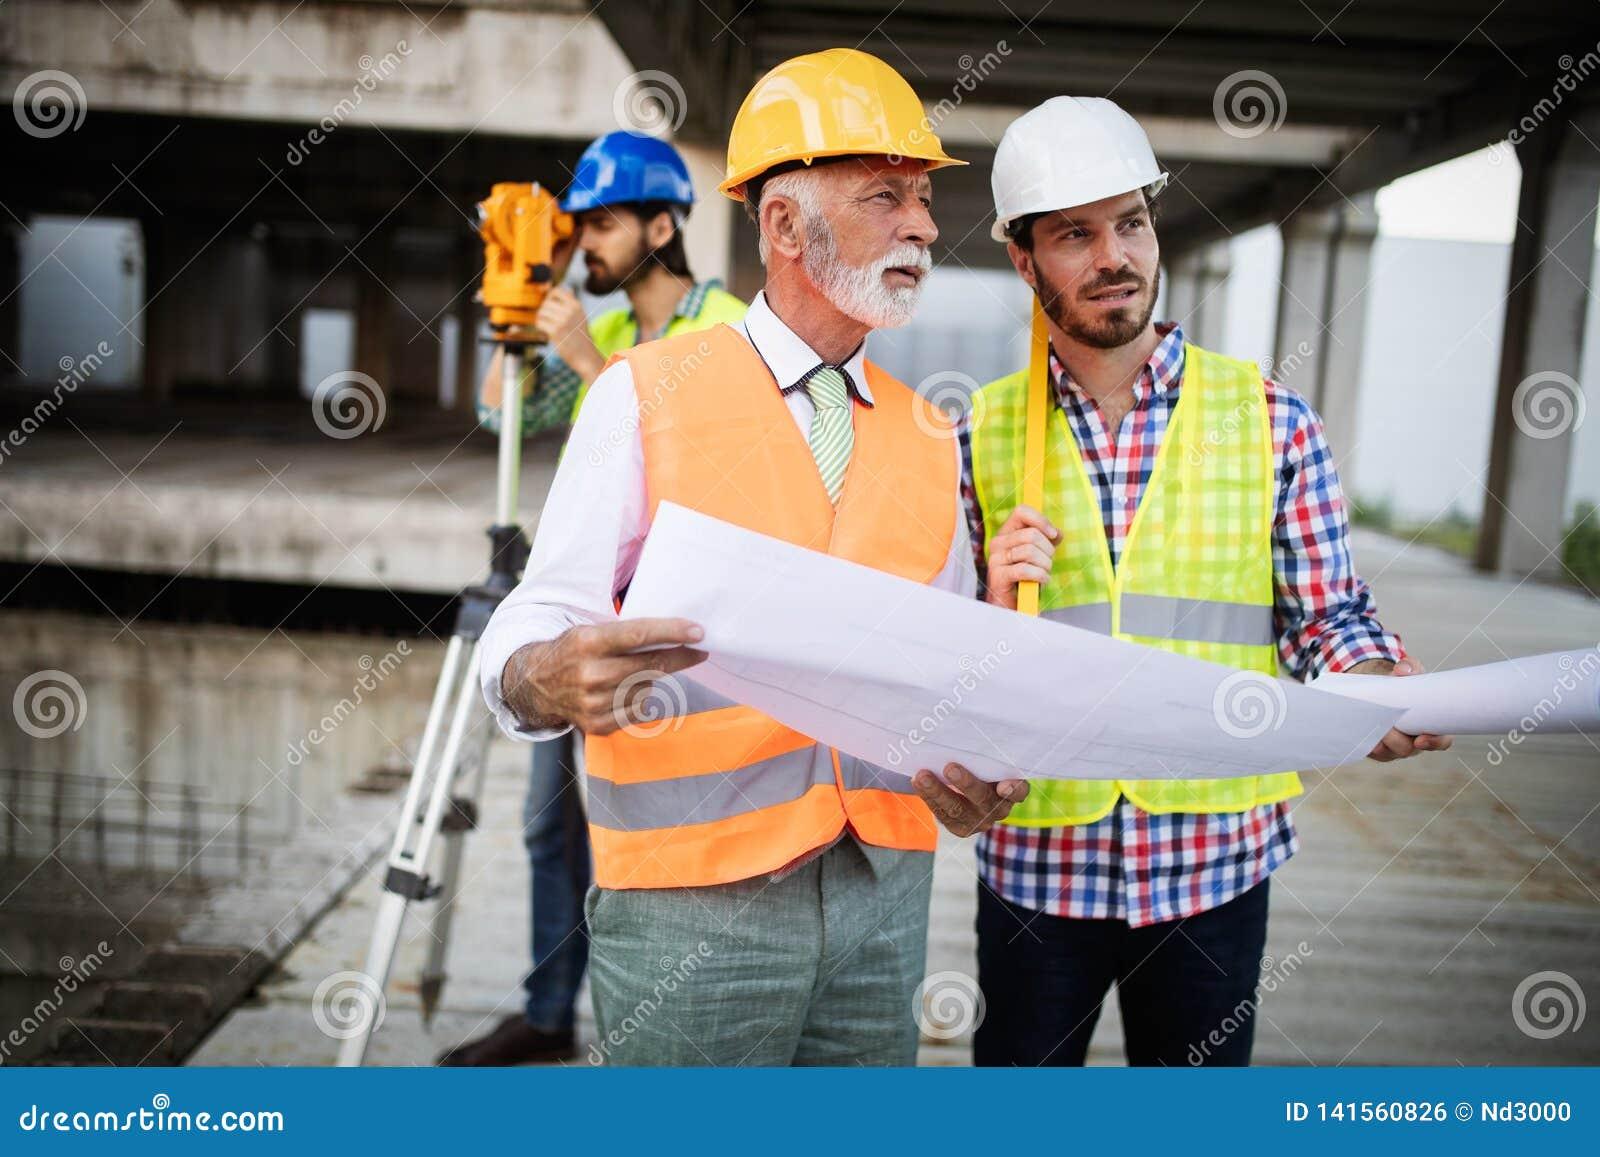 Coordenador, contramestre e trabalhador discutindo no local da construção civil